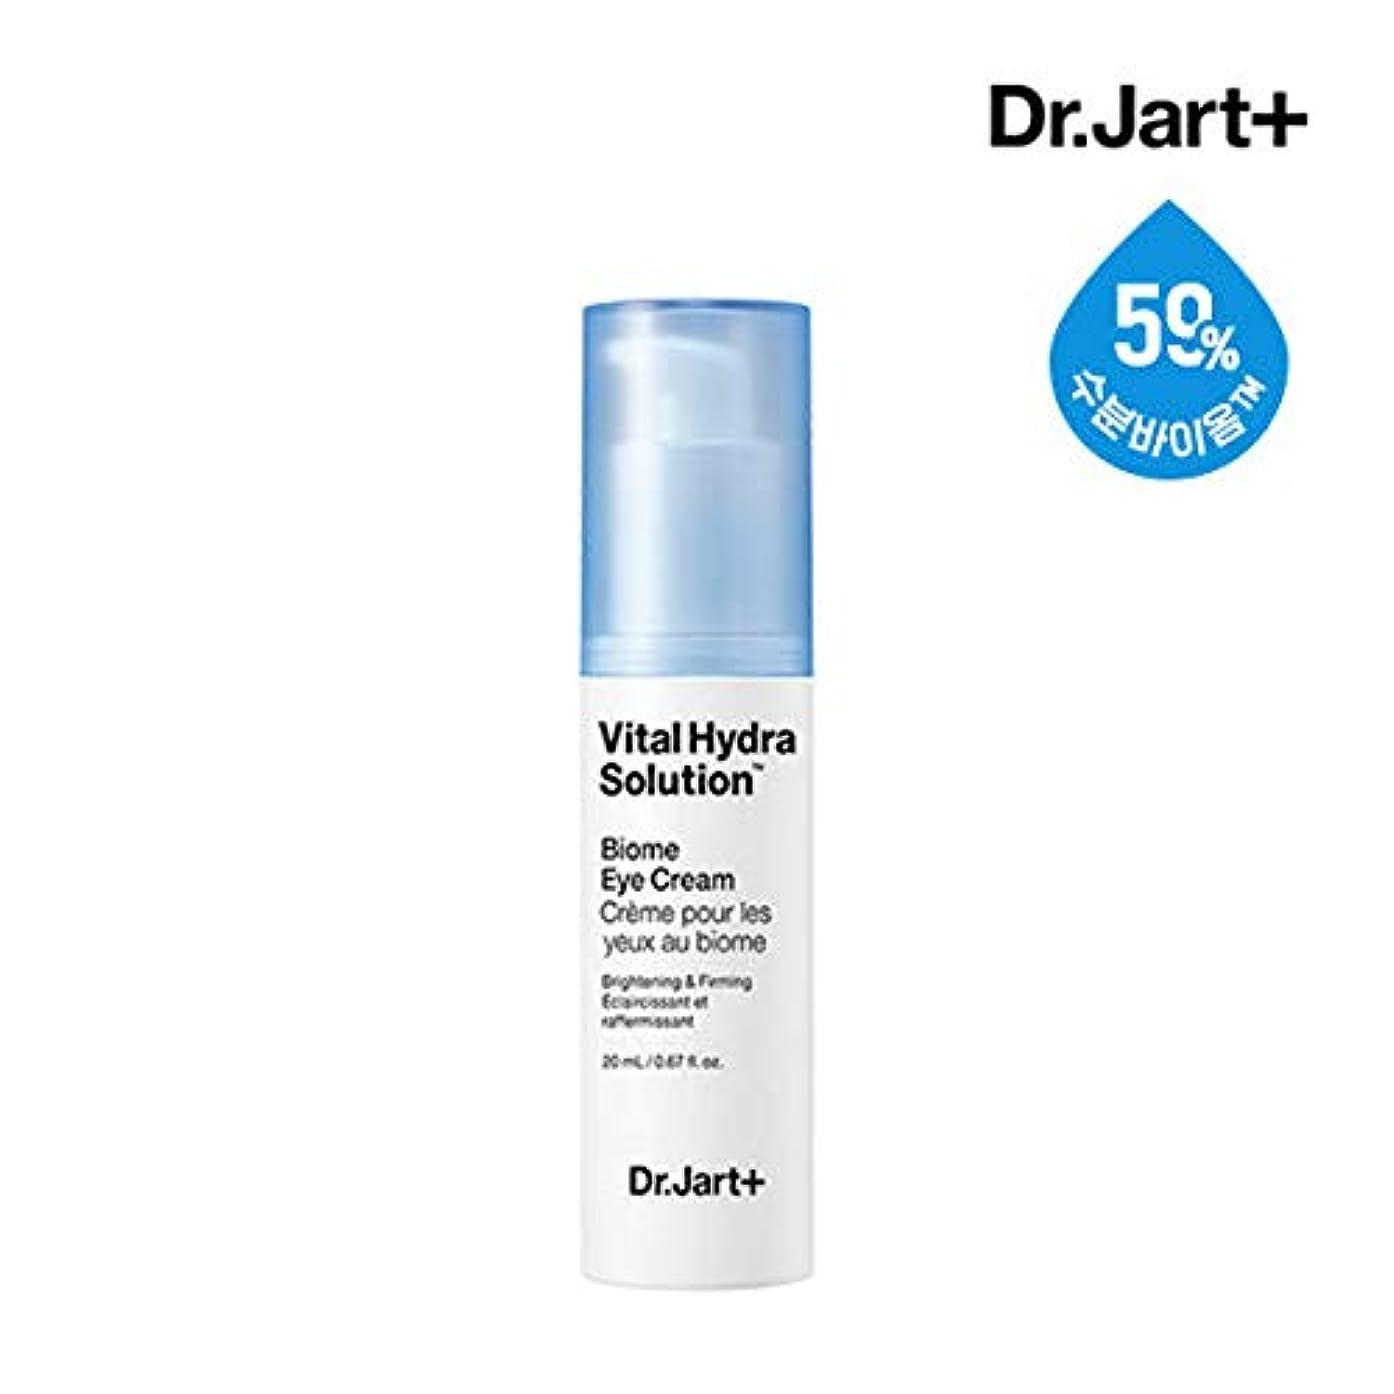 電気陽性フルーツ誘うドクタージャルトゥ[Dr.Jart+] バイタルハイドラソリューションバイオームアイクリーム20ml (Vital Hydra Solution Biome Eye Cream) / ブライトニング&ファーミング